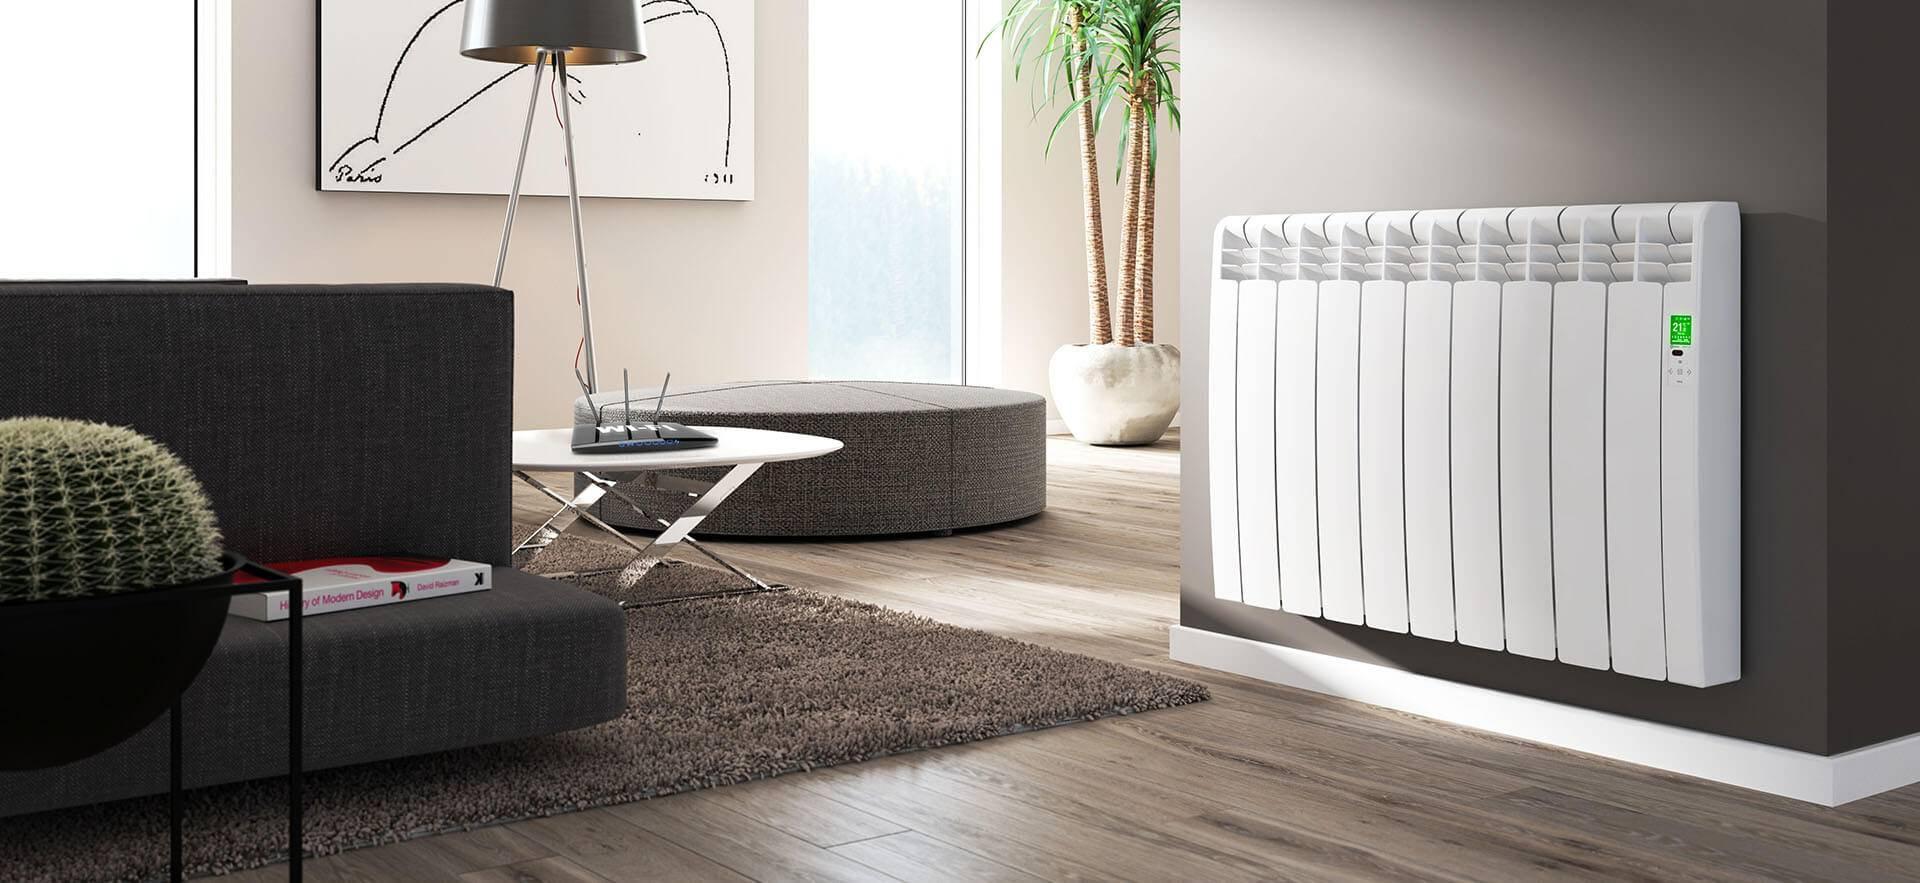 Электробатареи для отопления какие лучше   всё об отоплении